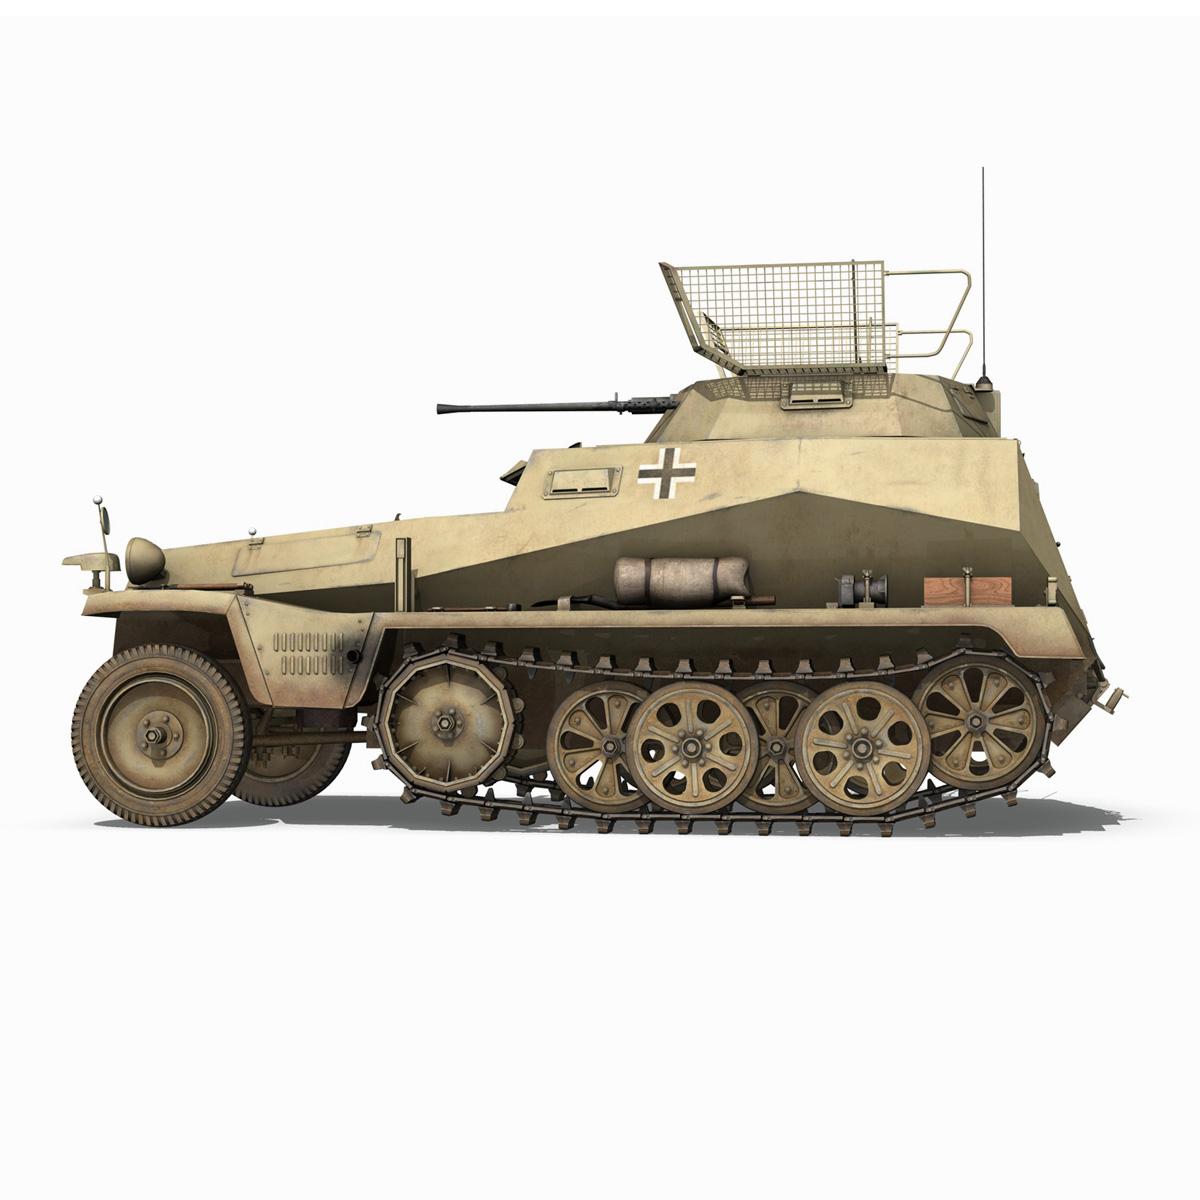 SD.KFZ 250 - Reconnaissance Halftruck - 23 PzDiv 3d model 3ds fbx c4d lwo lws lw obj 273093